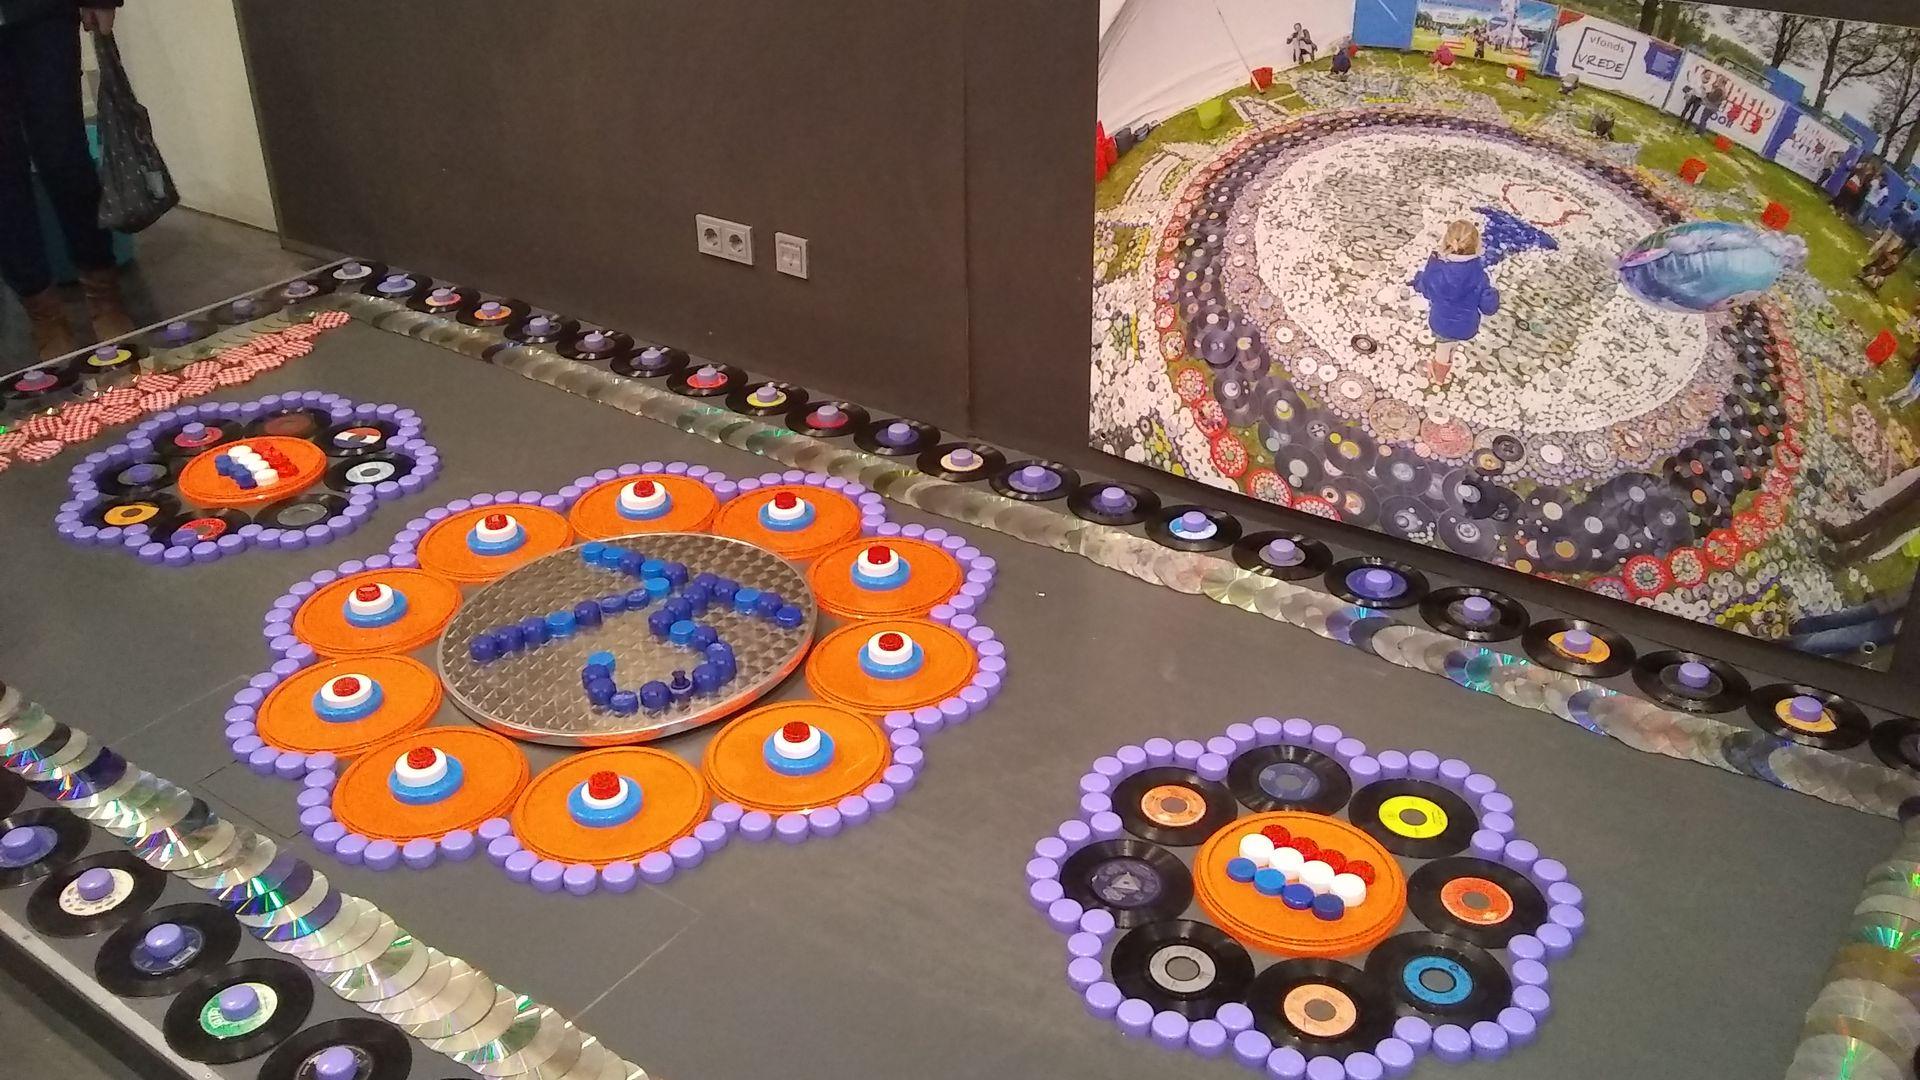 tapijt voor vrede, 75 jaar vrijheid 01.jpg